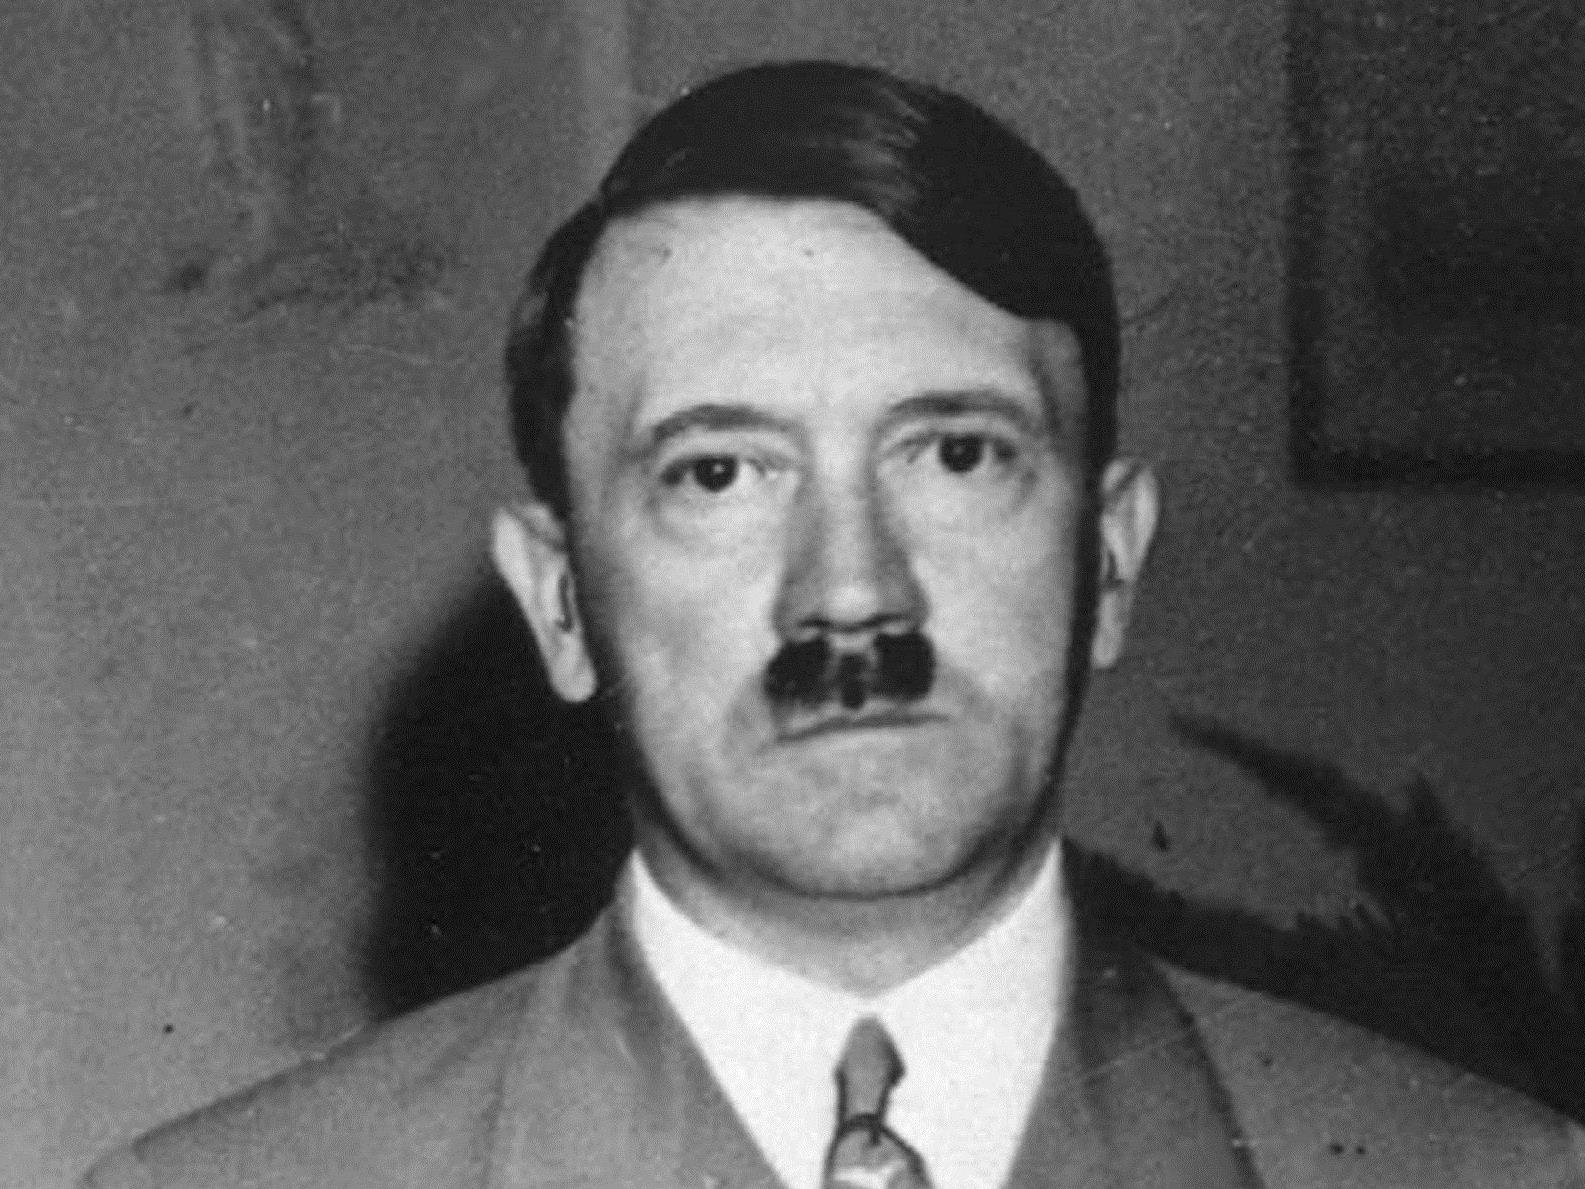 Anscheinend sei das Hitler-Porträt auf der Tasse weder beim Einkauf noch beim Einräumen aufgefallen.